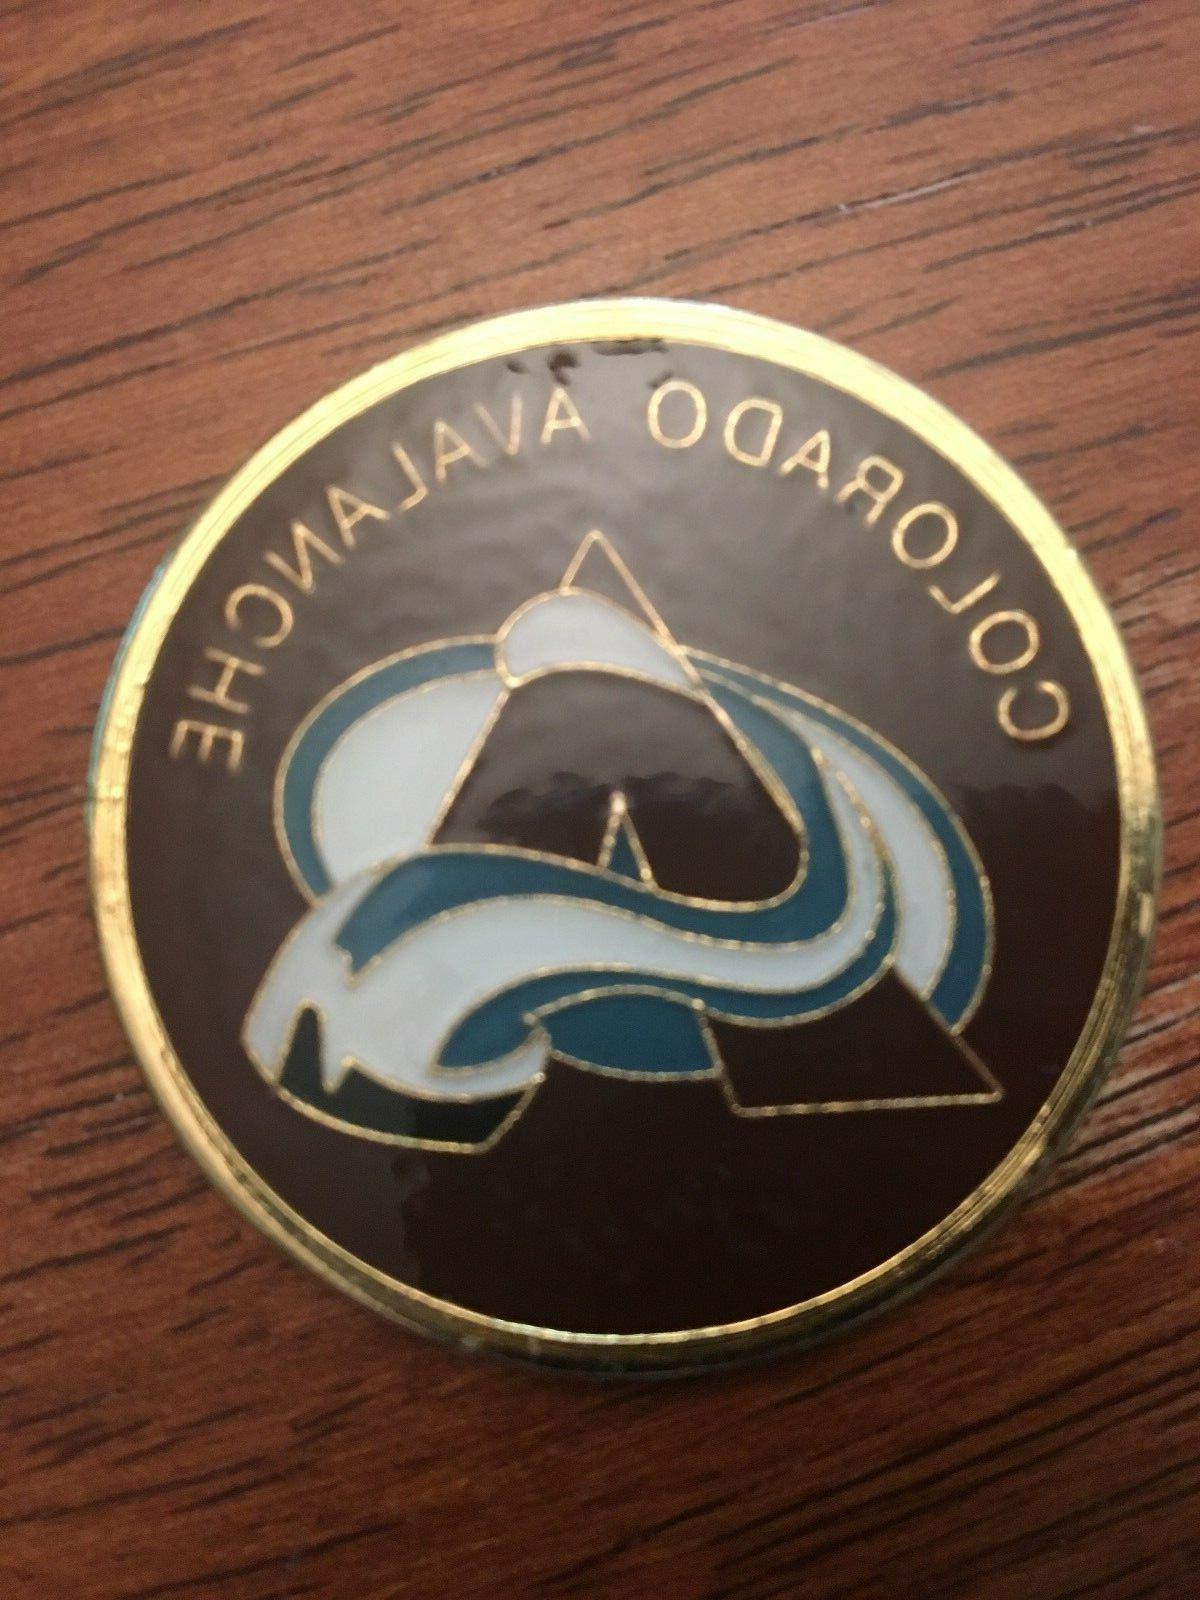 new collector coin colorado avalanche nhl